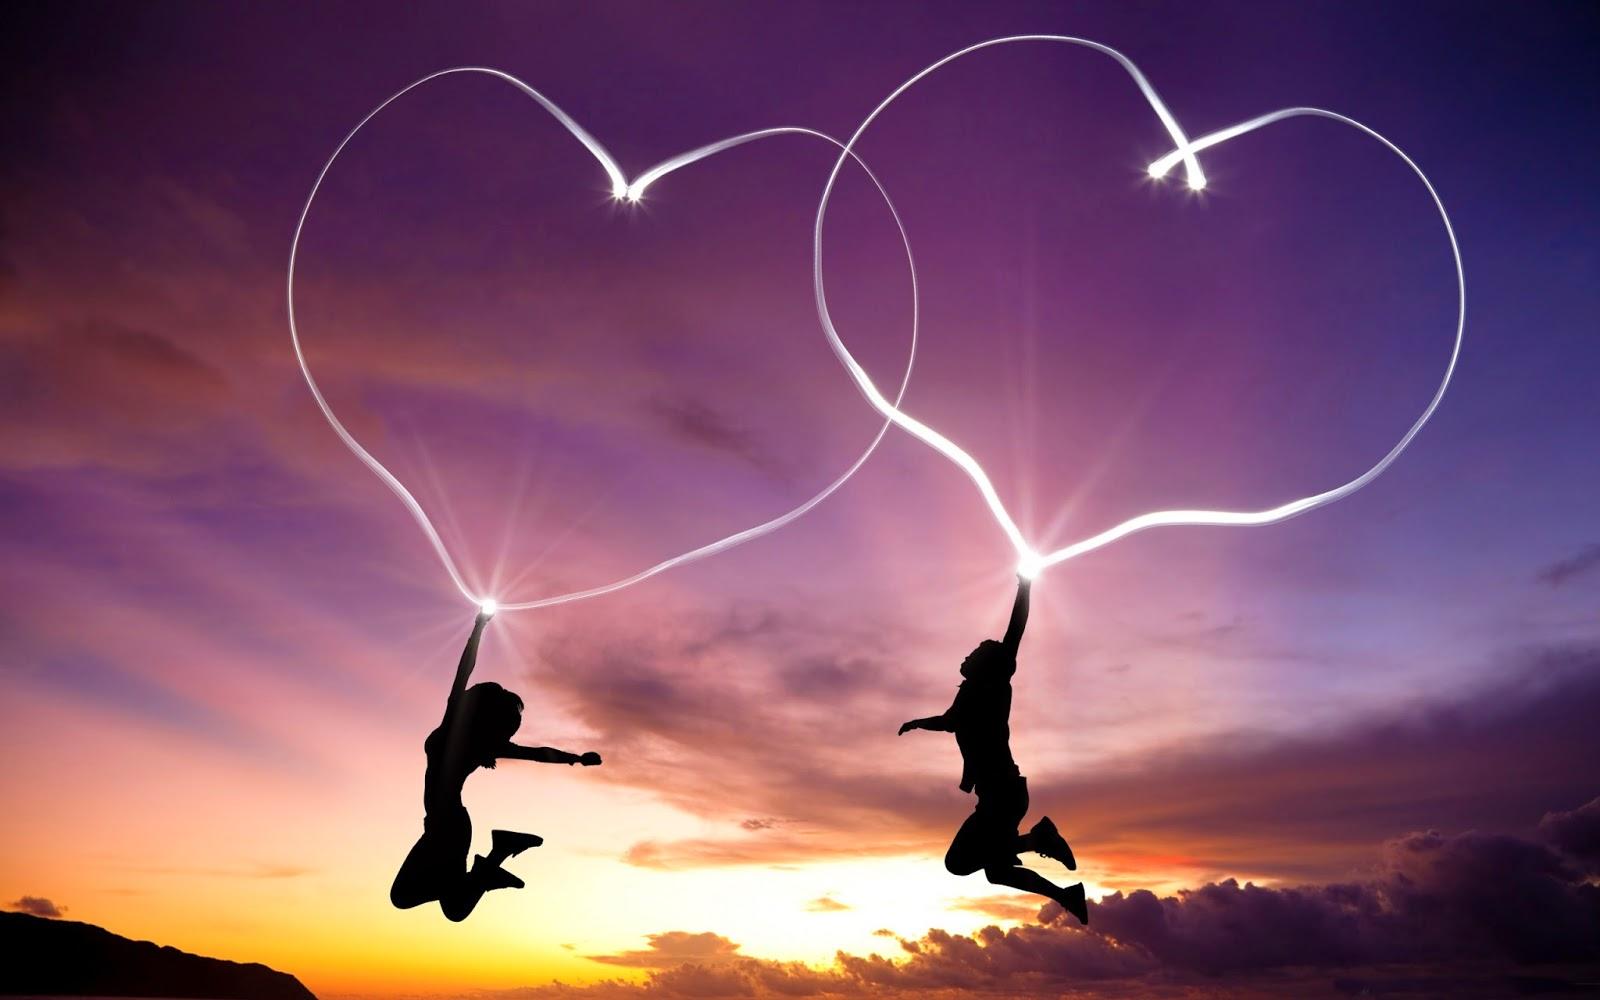 kata Motivasi Cinta sejati